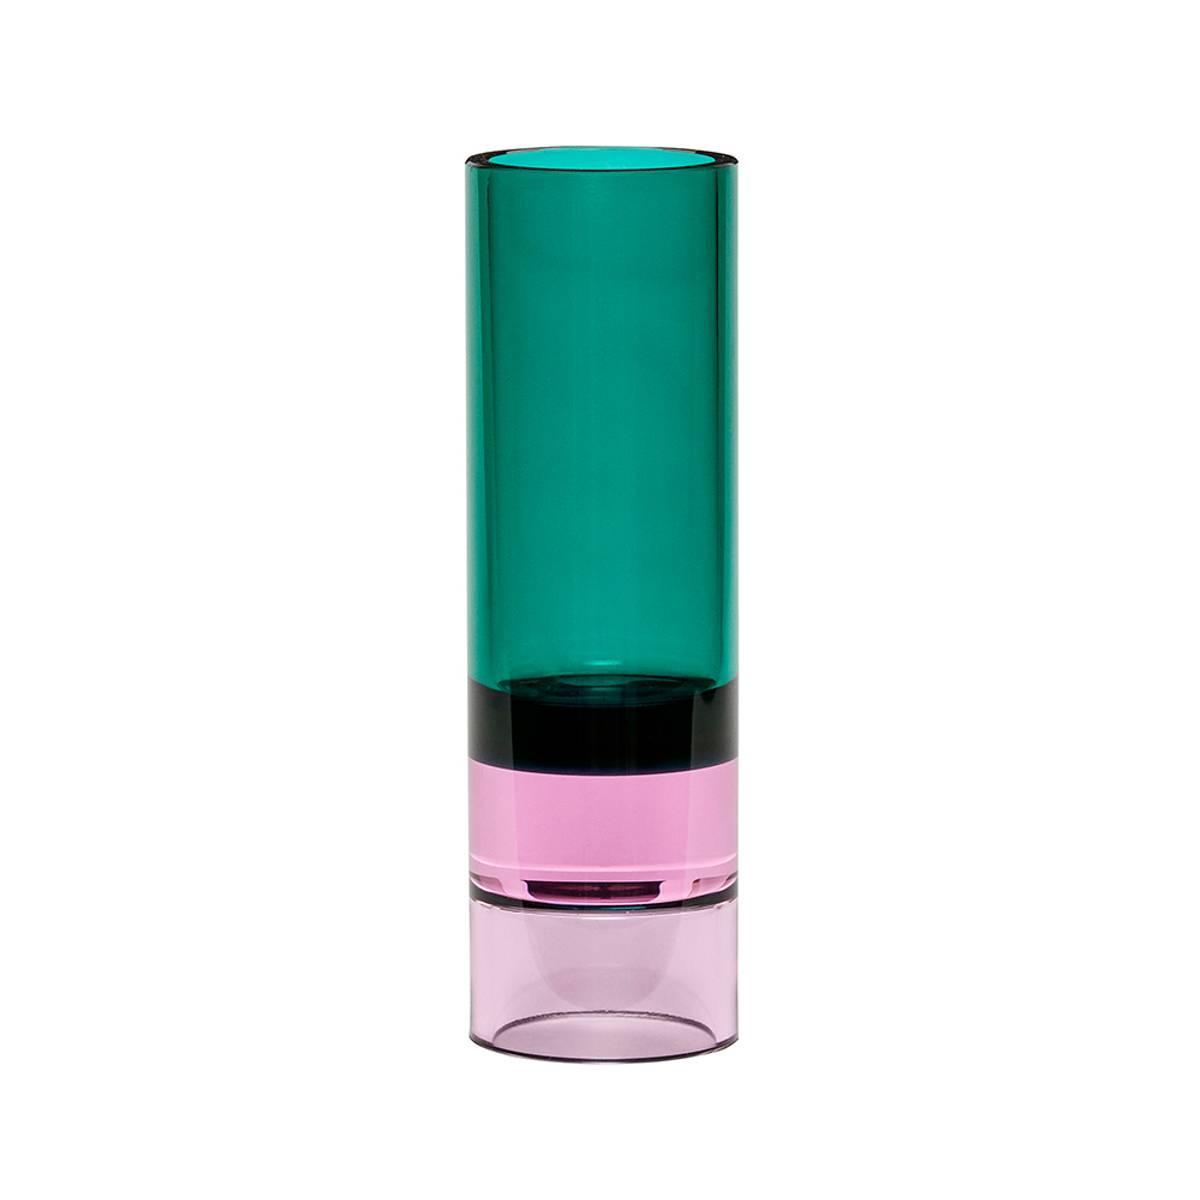 Vase / Lysestake i farget glass - grønn - Hübsch